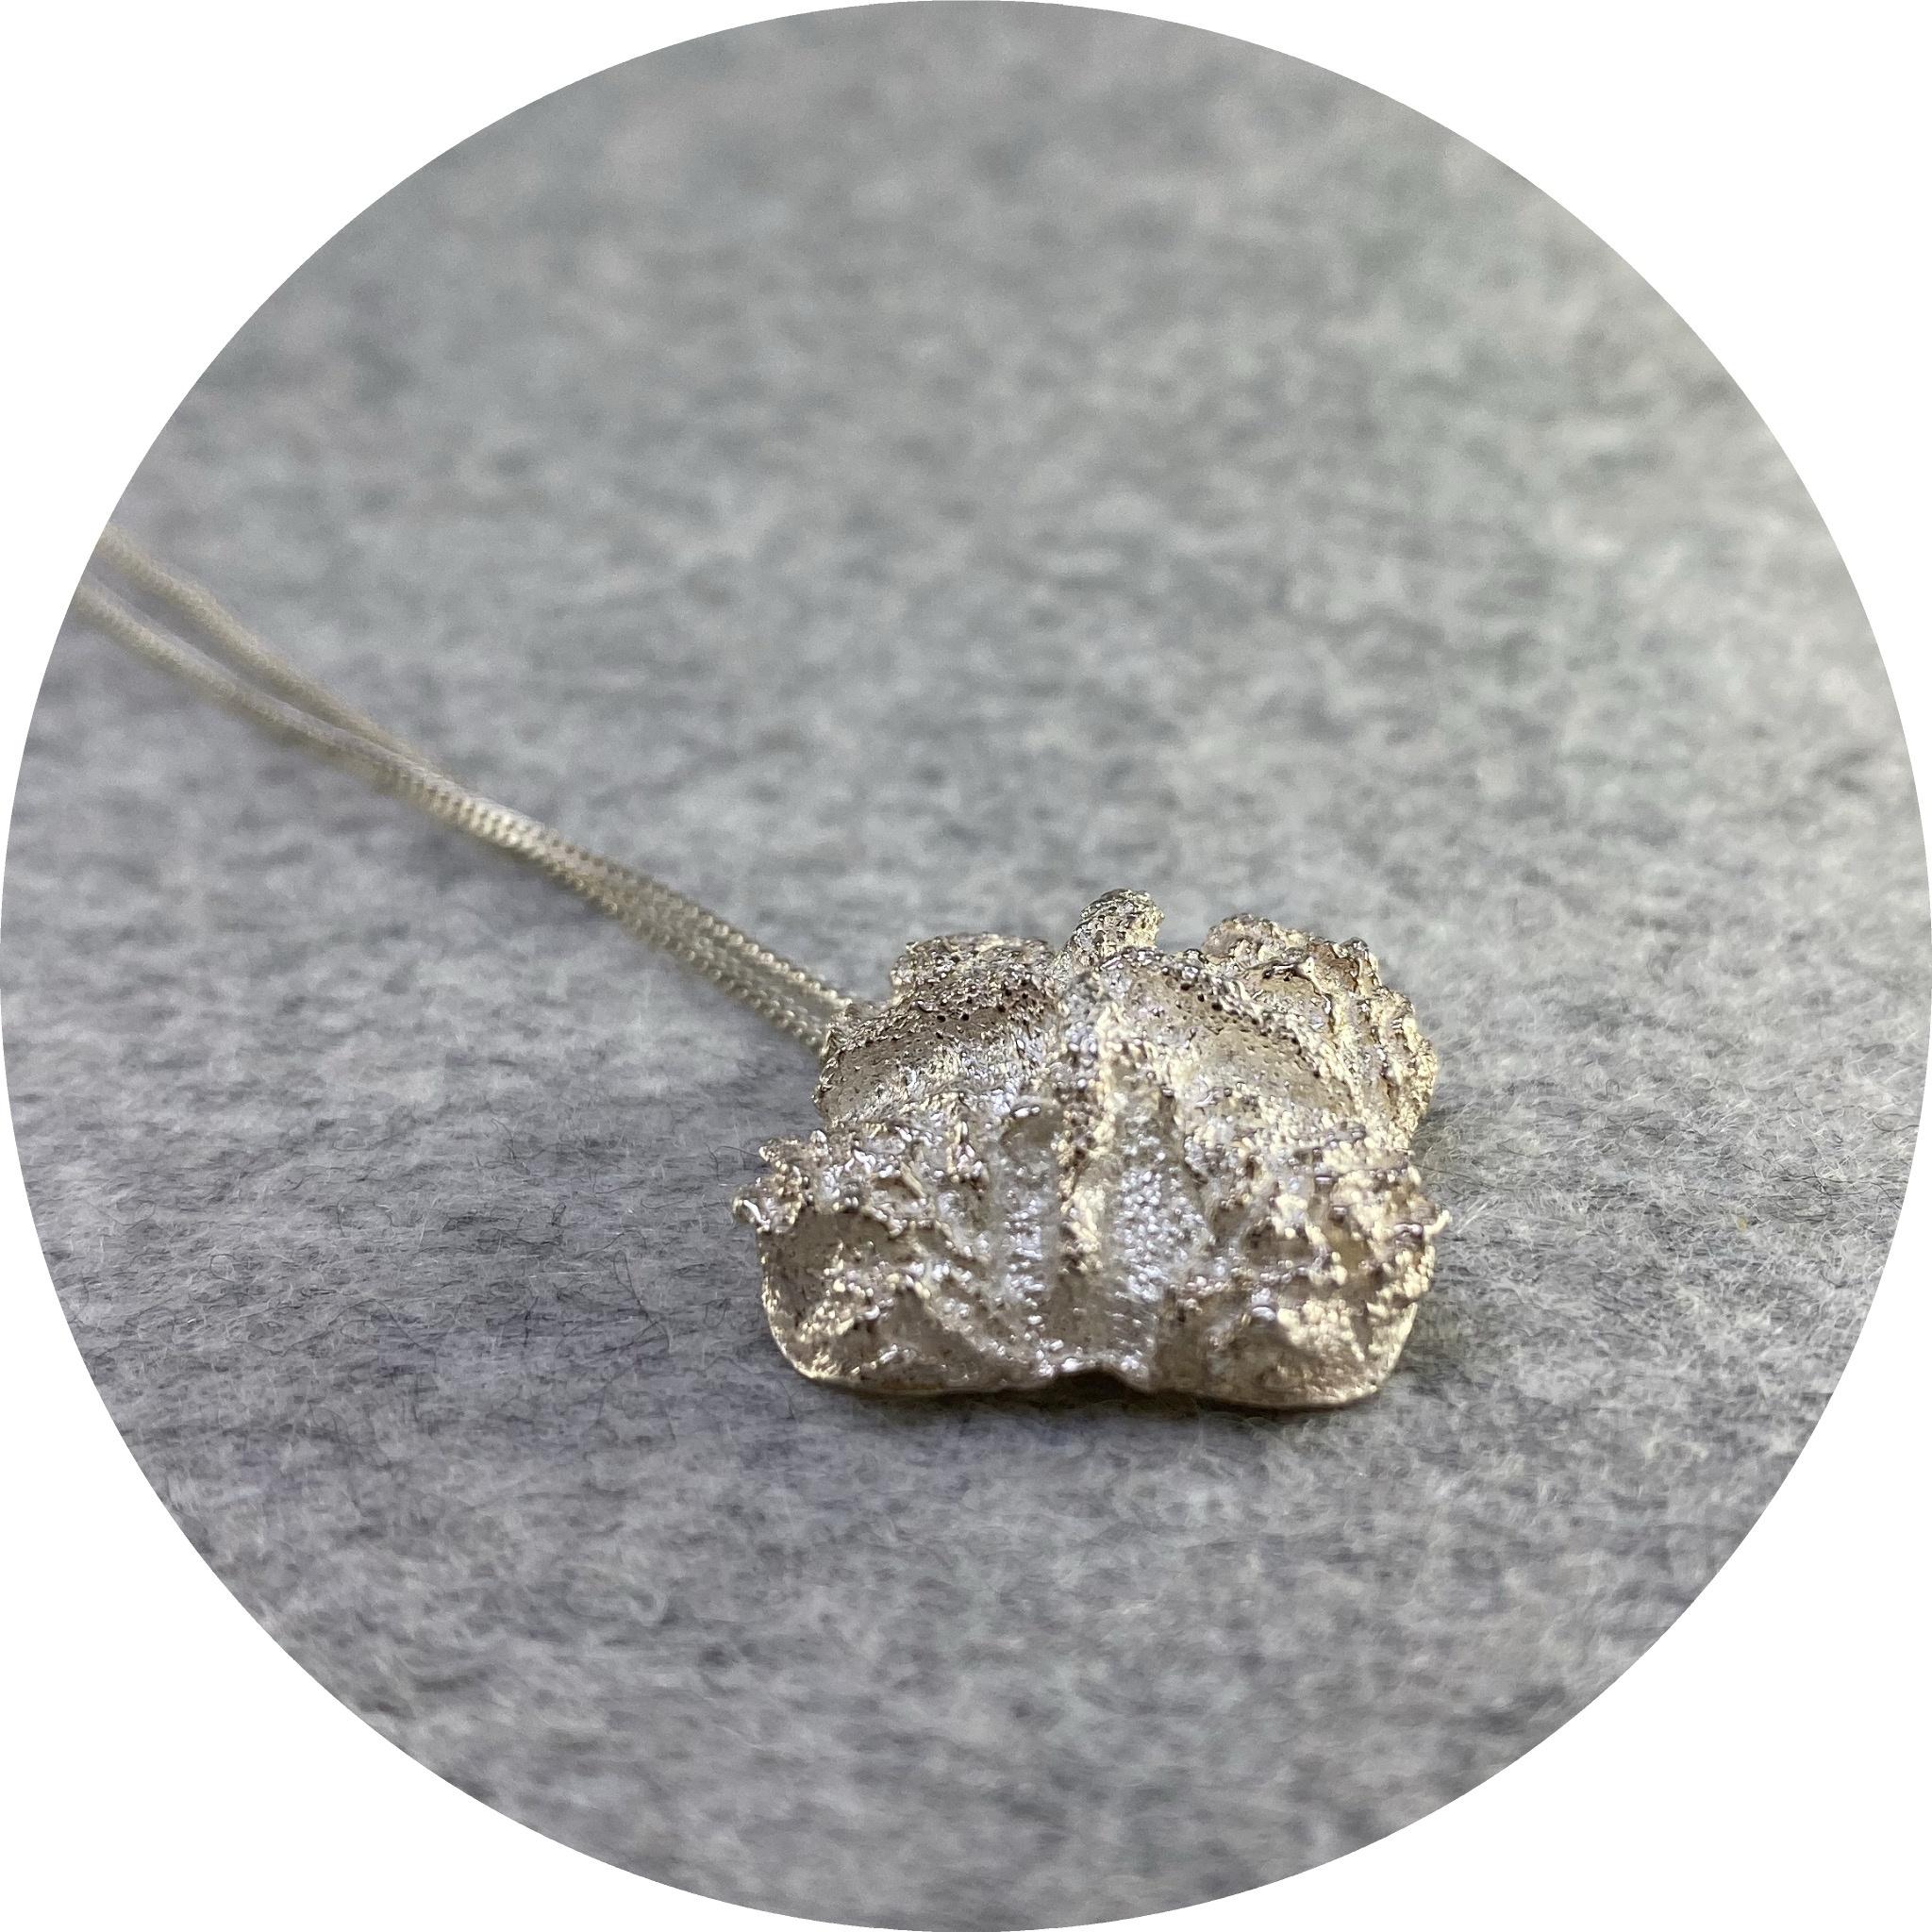 Manuela Igreja - 'Red Capped Gum Necklace', 925 silver